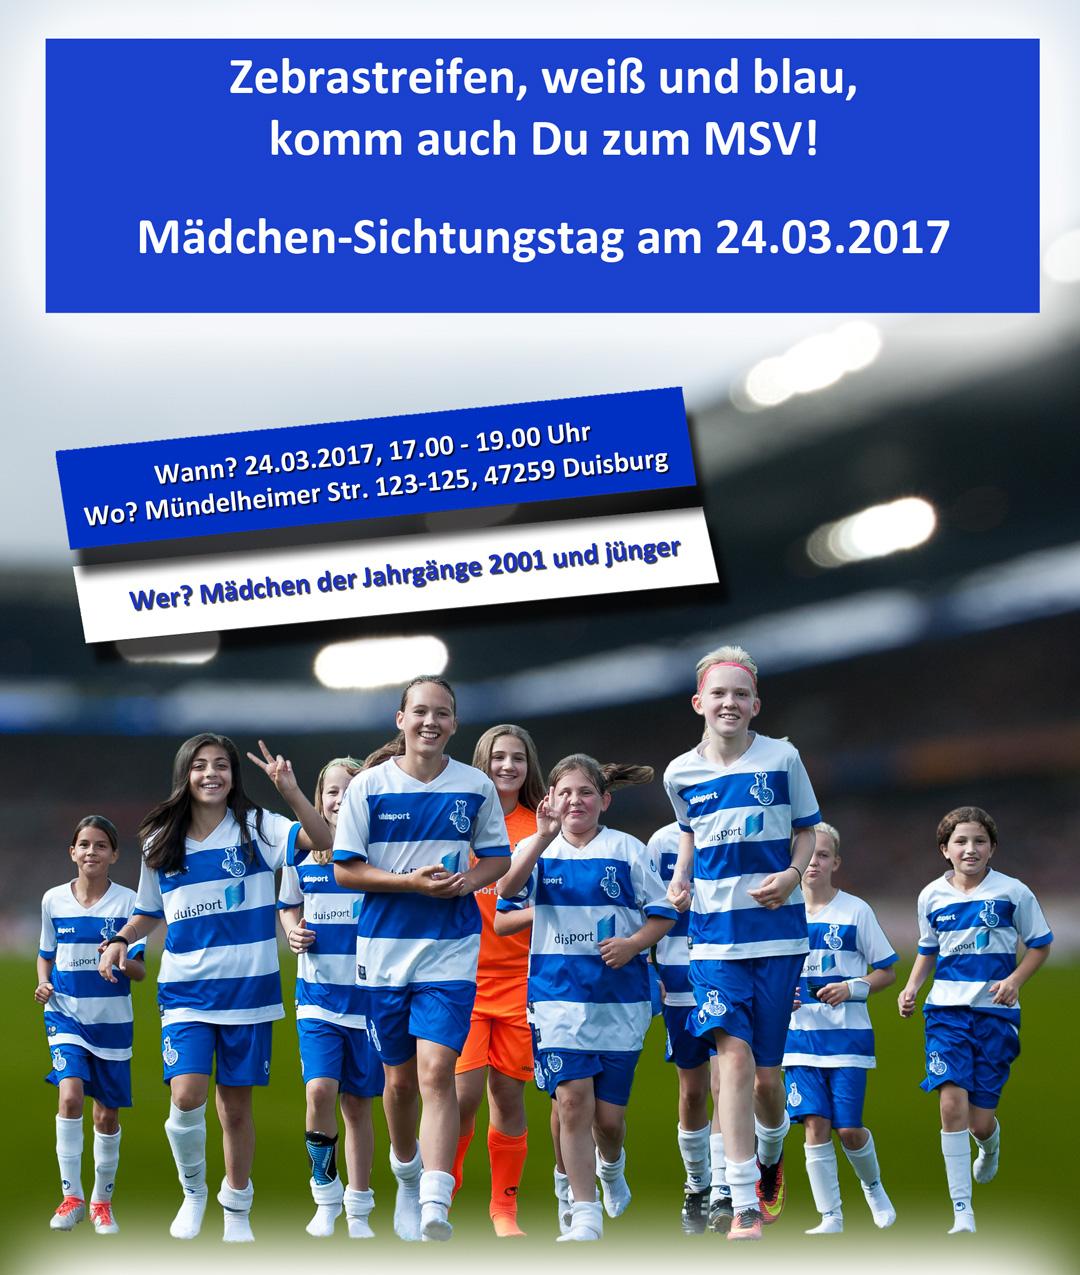 MSV Sichtungstag 2017 - Komm zum MSV Duisburg!